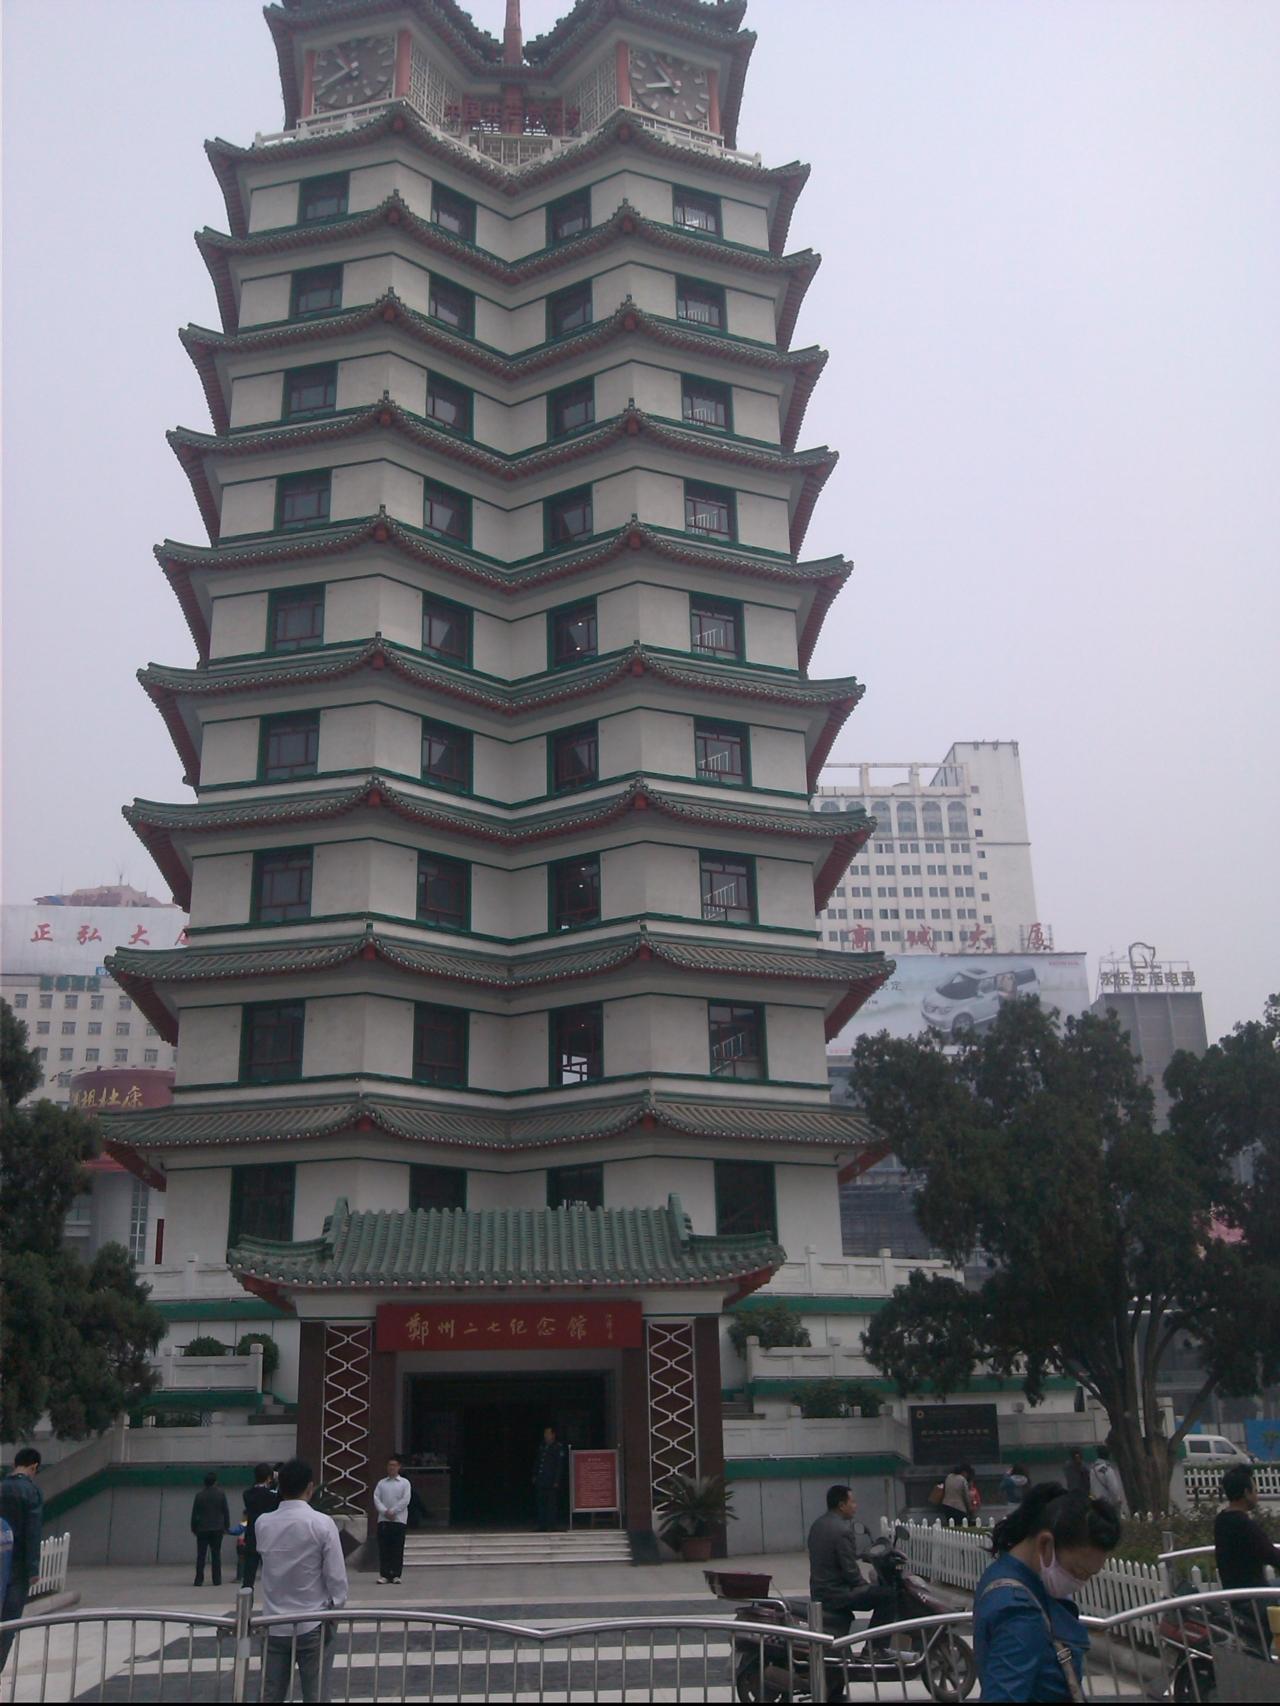 郑州二七纪念塔论坛图片